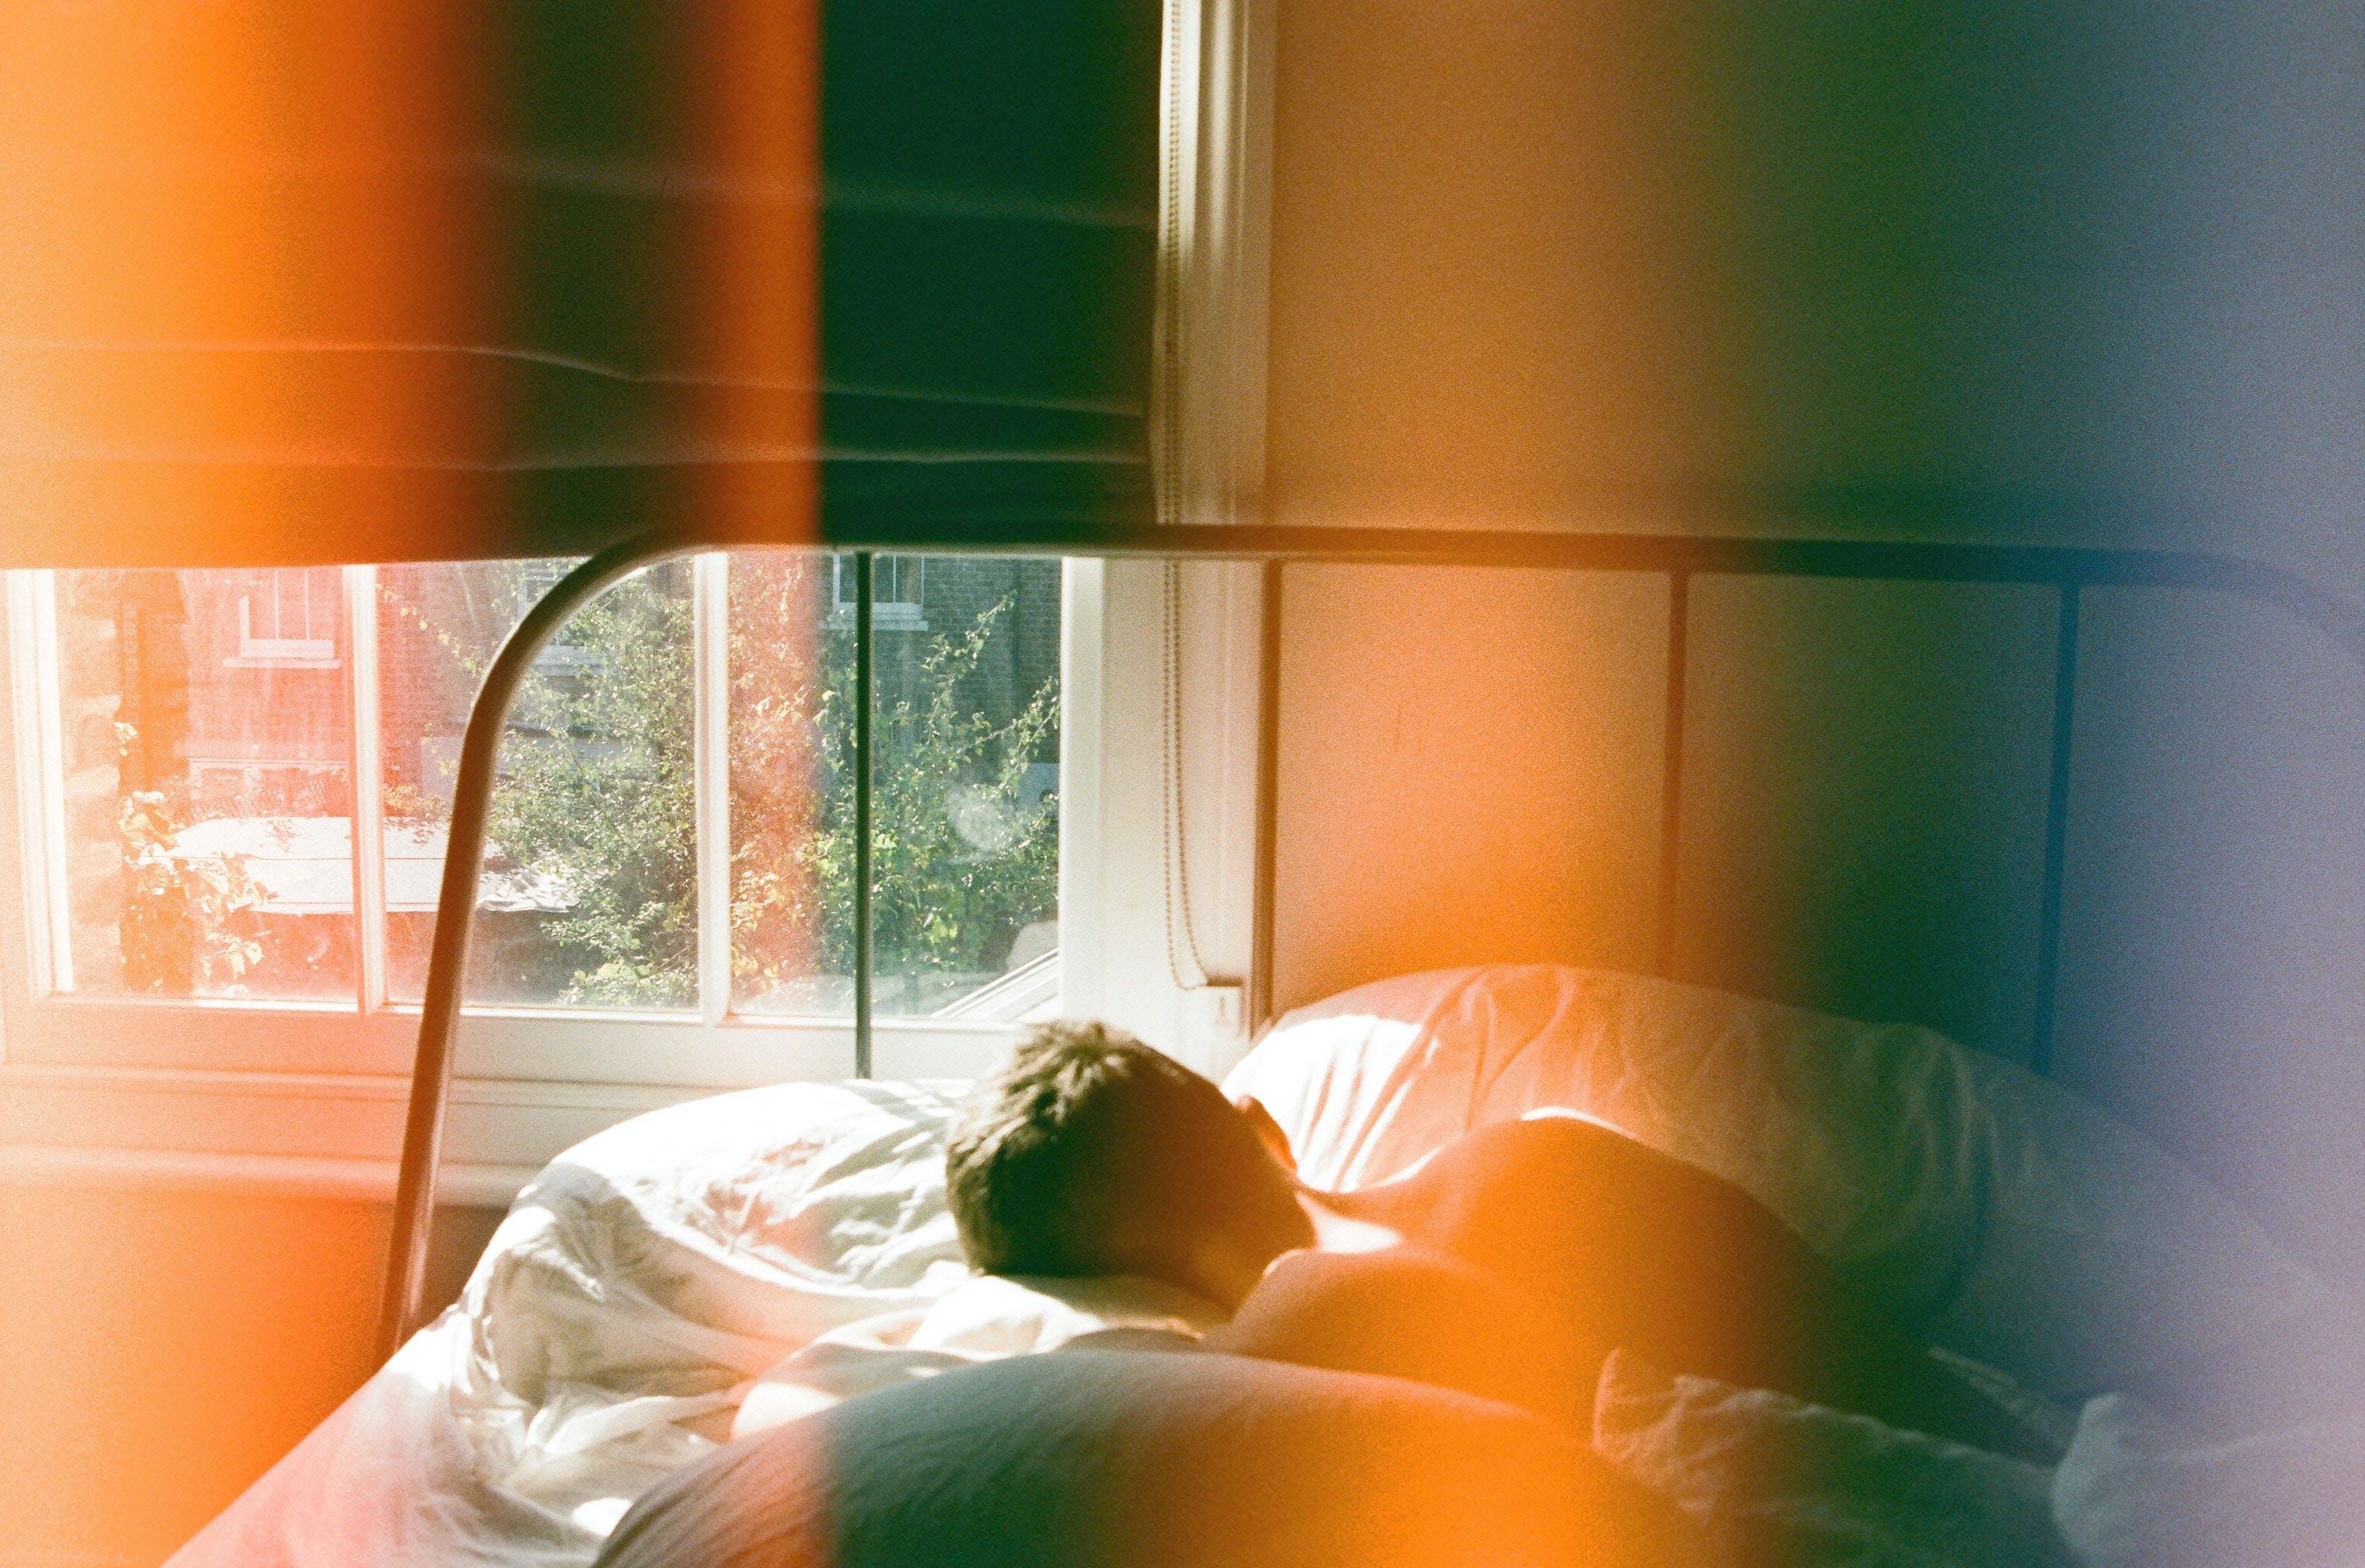 Δωρεάν στοκ φωτογραφιών με αγόρι, κρεβάτι, λευκό φόντο, Λονδίνο